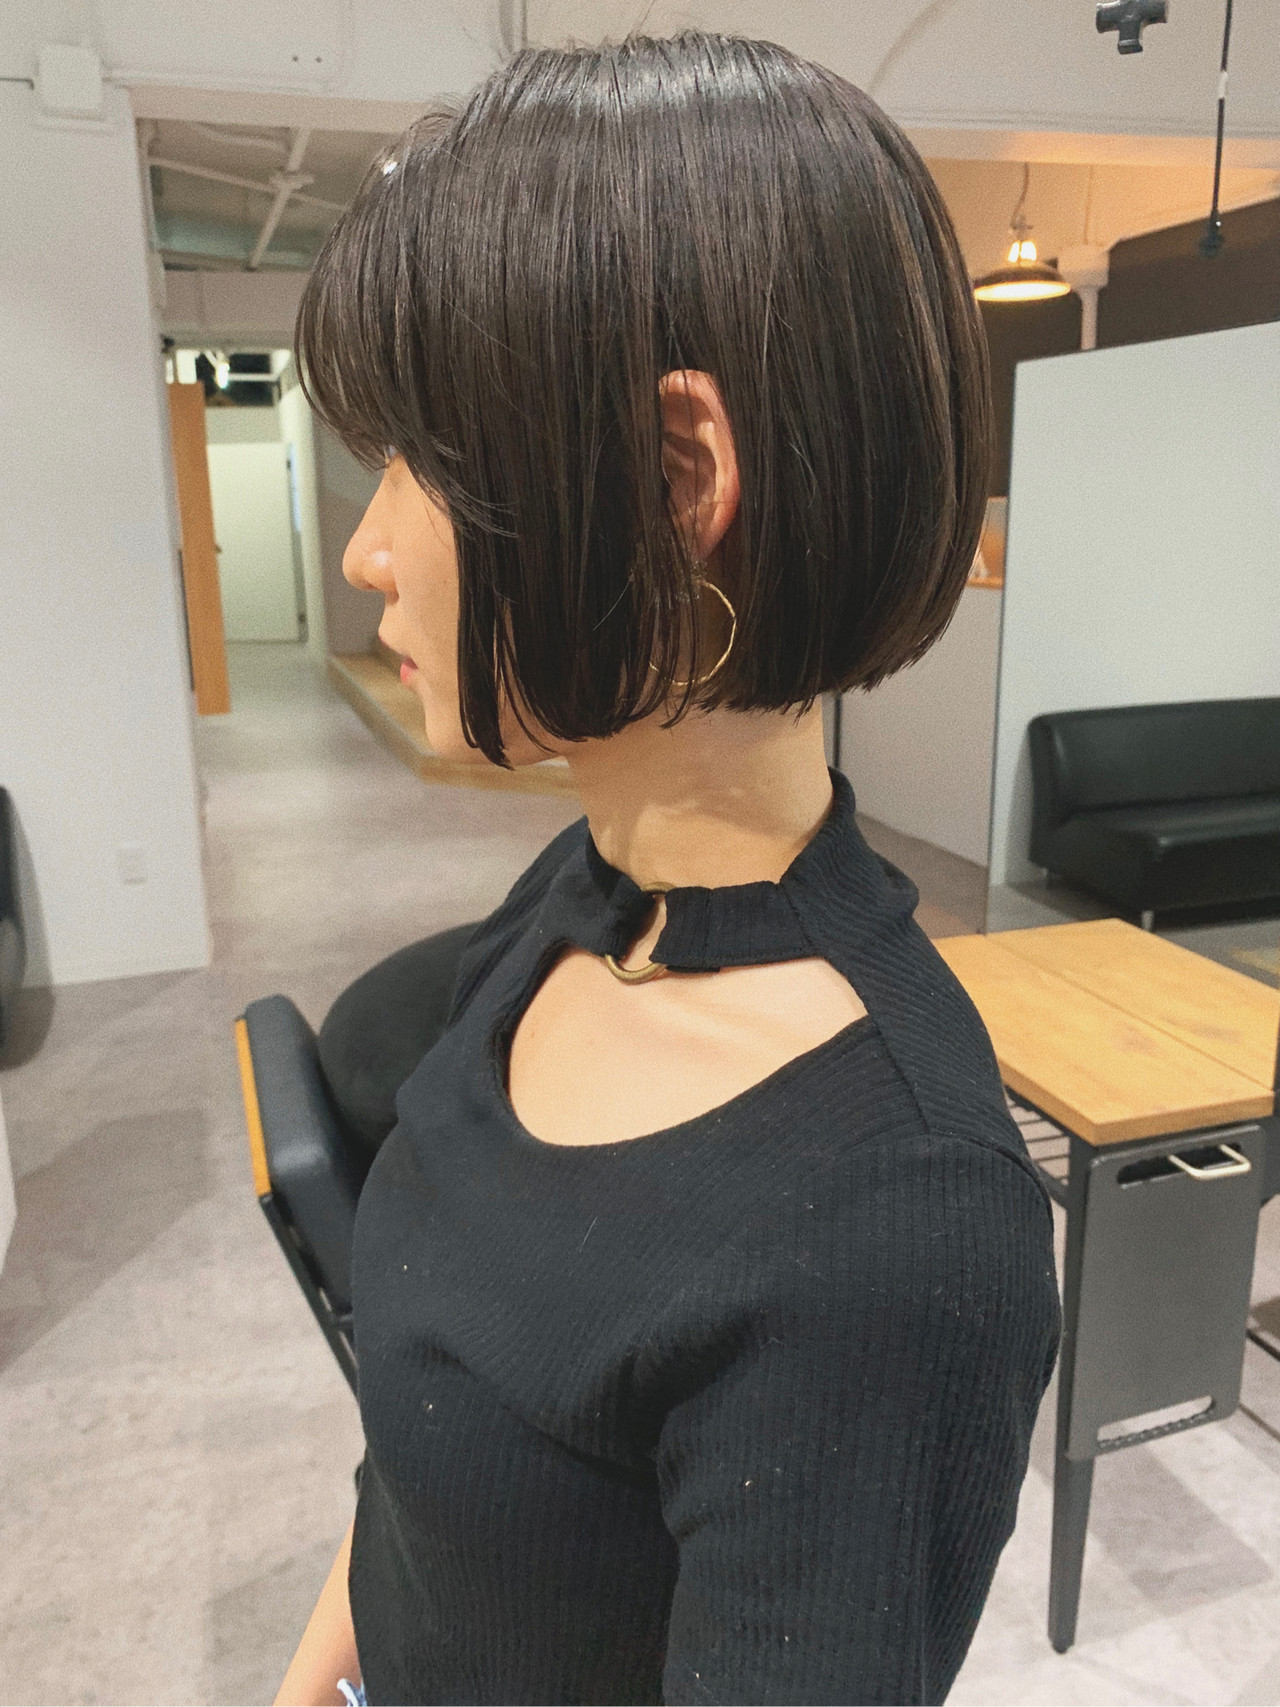 黒髪 アウトドア スポーツ デート ヘアスタイルや髪型の写真・画像 | YUJI / LIICHI / LIICHI (リイチ)